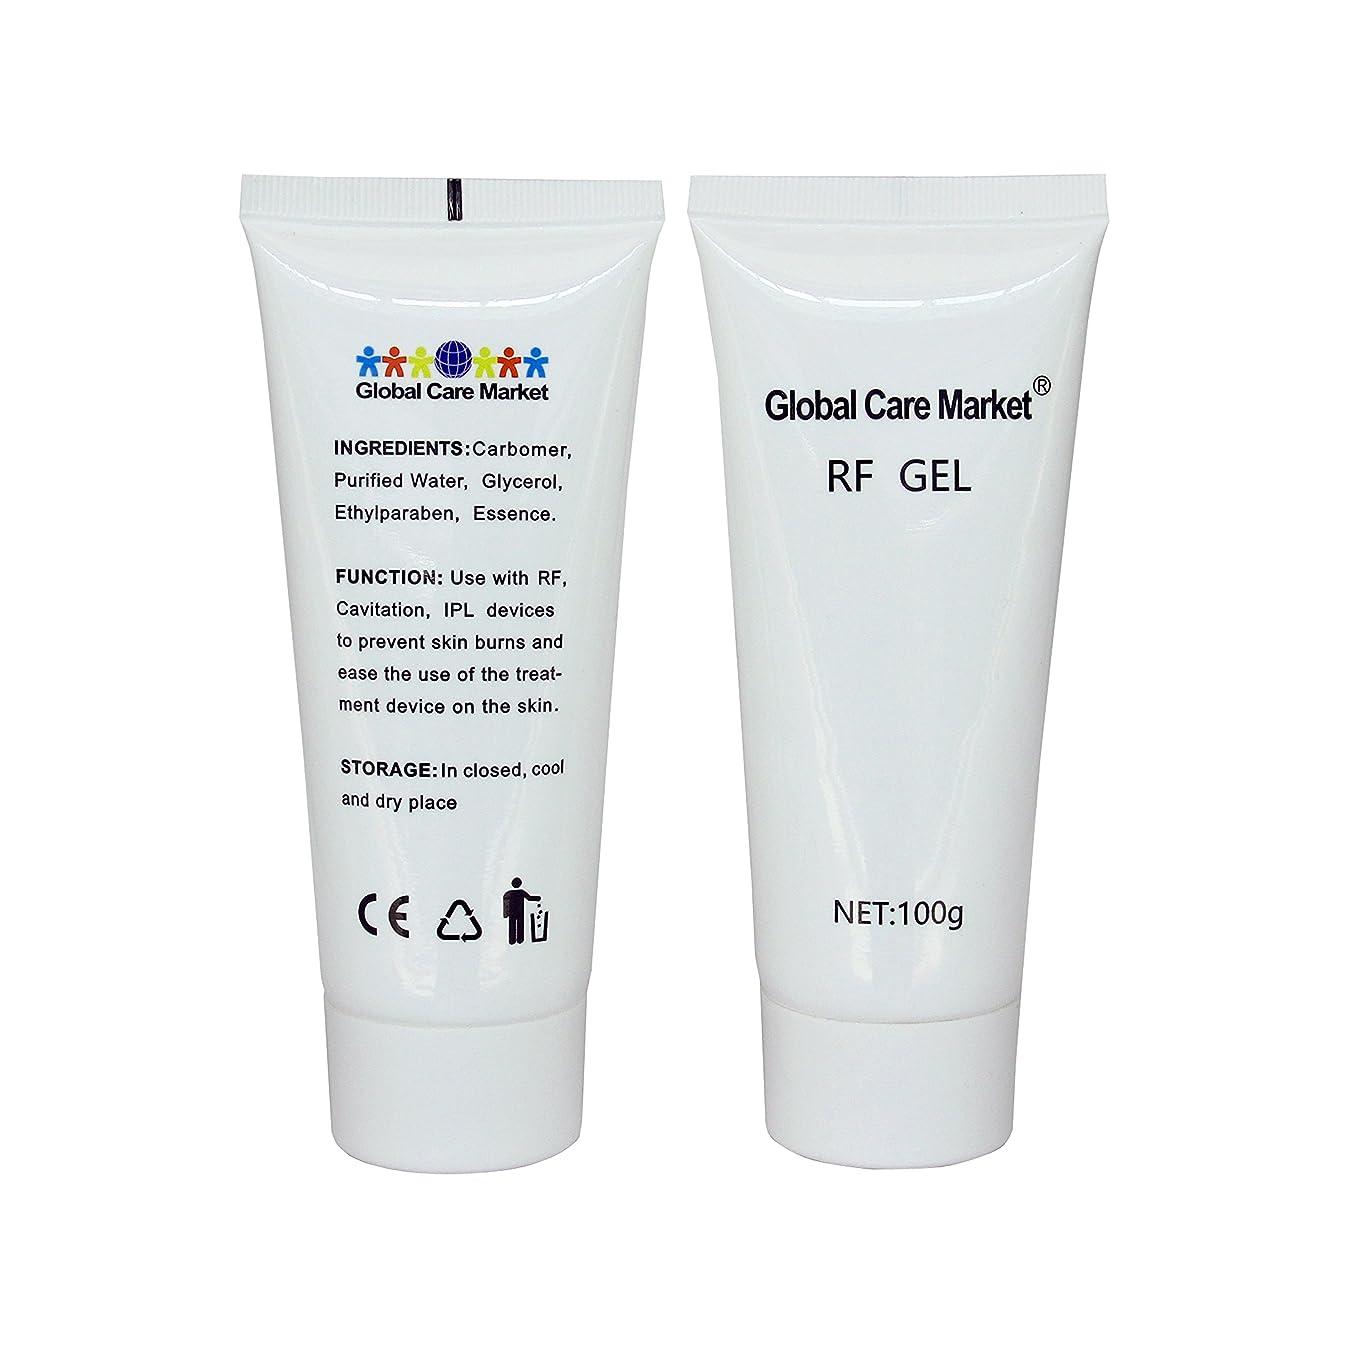 ぺディカブ冷蔵する旧正月RF GEL(2 Pack) - 高周波治療装置に使用する皮膚冷却および潤滑です